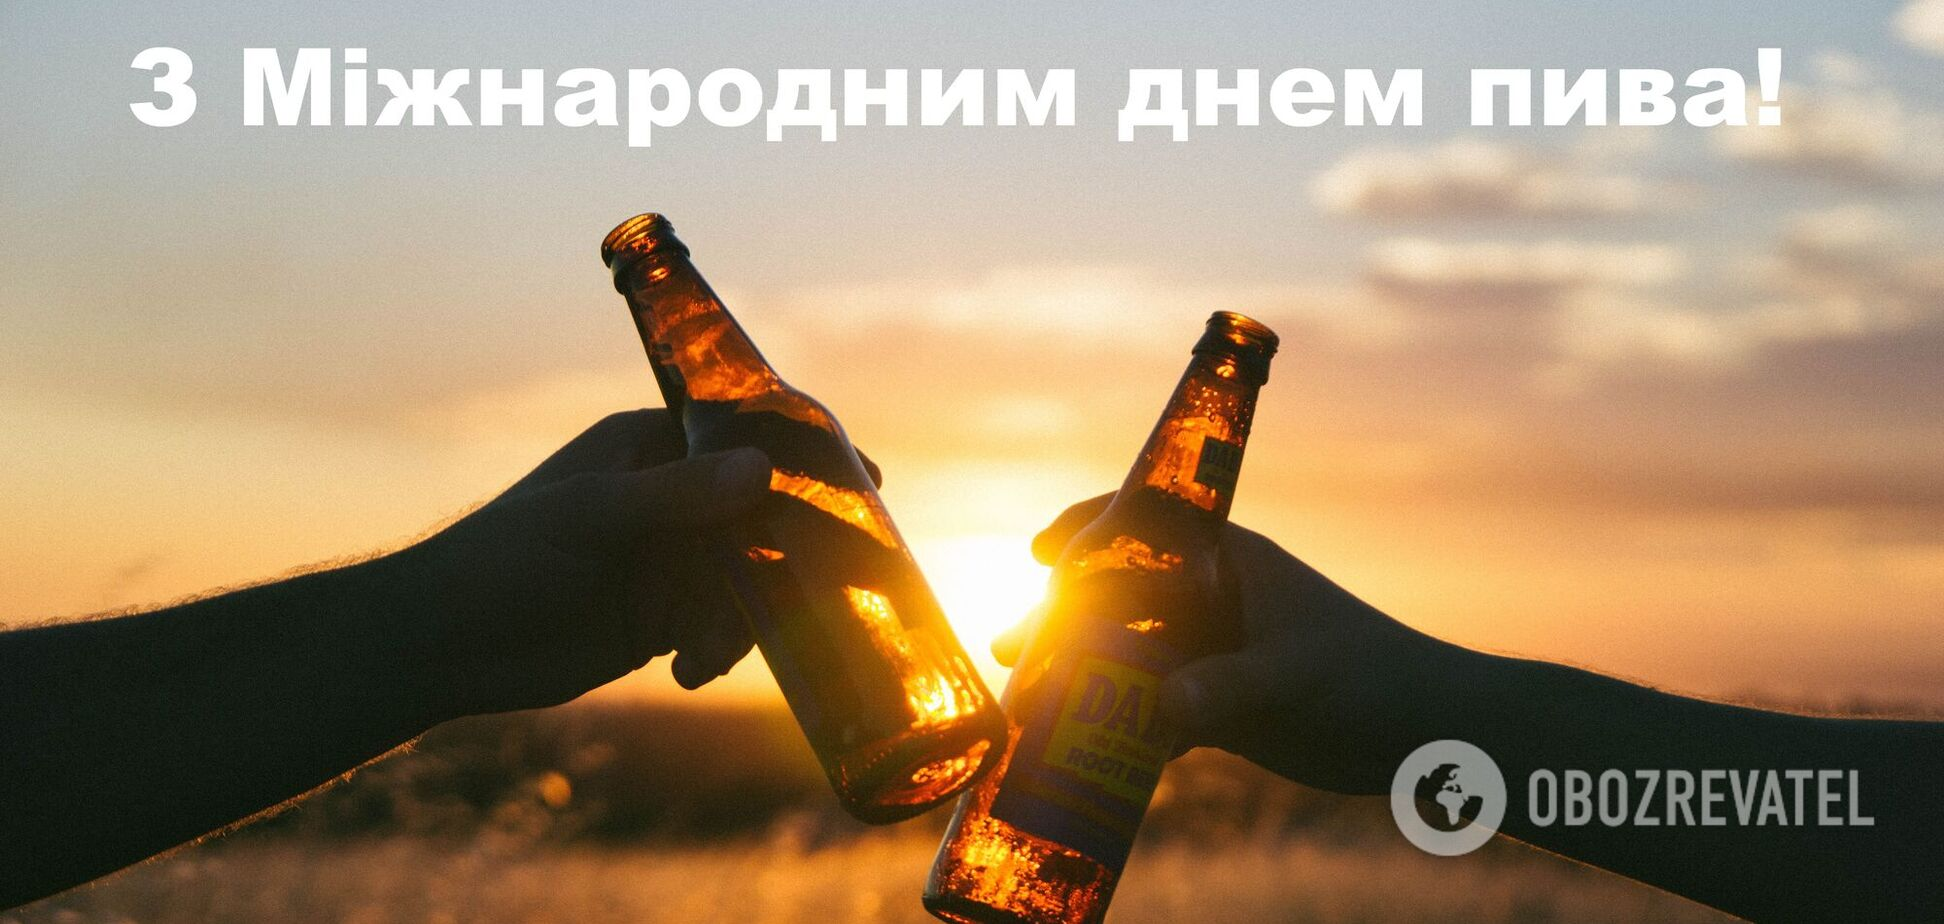 В 2021 году День пива выпадает на 6 августа